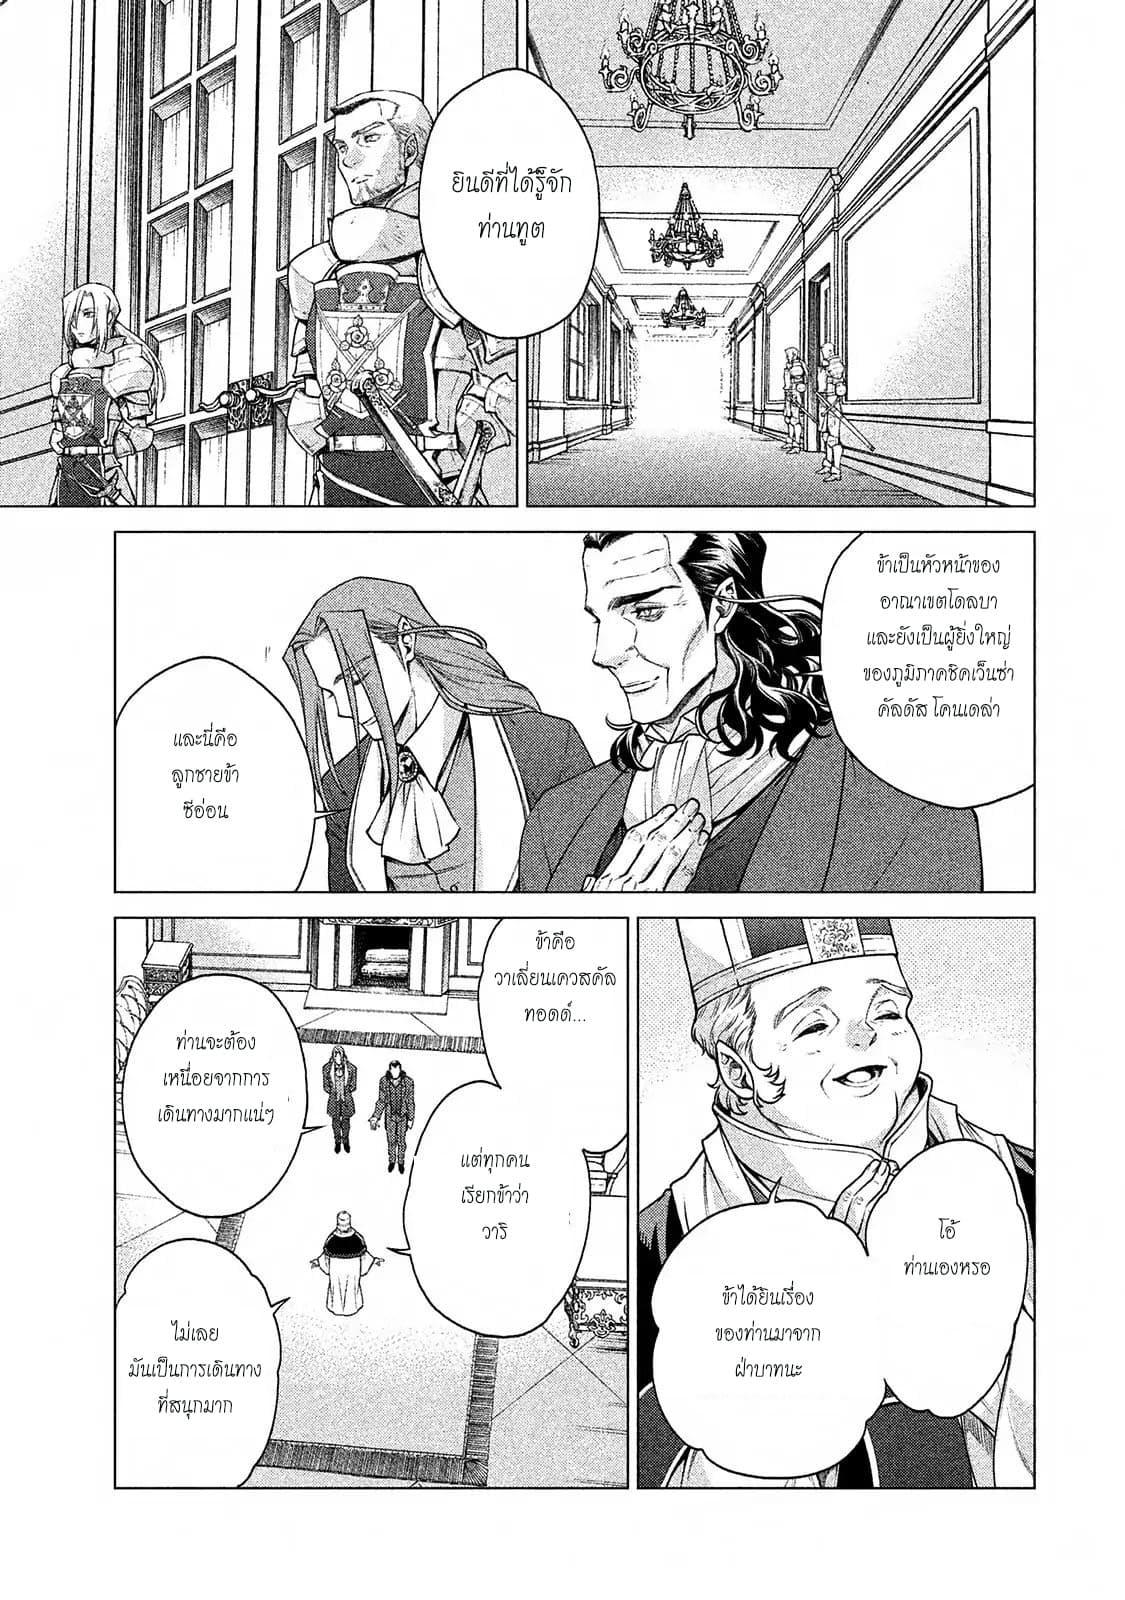 อ่านการ์ตูน Henkyou no Roukishi - Bard Loen ตอนที่ 11 หน้าที่ 25